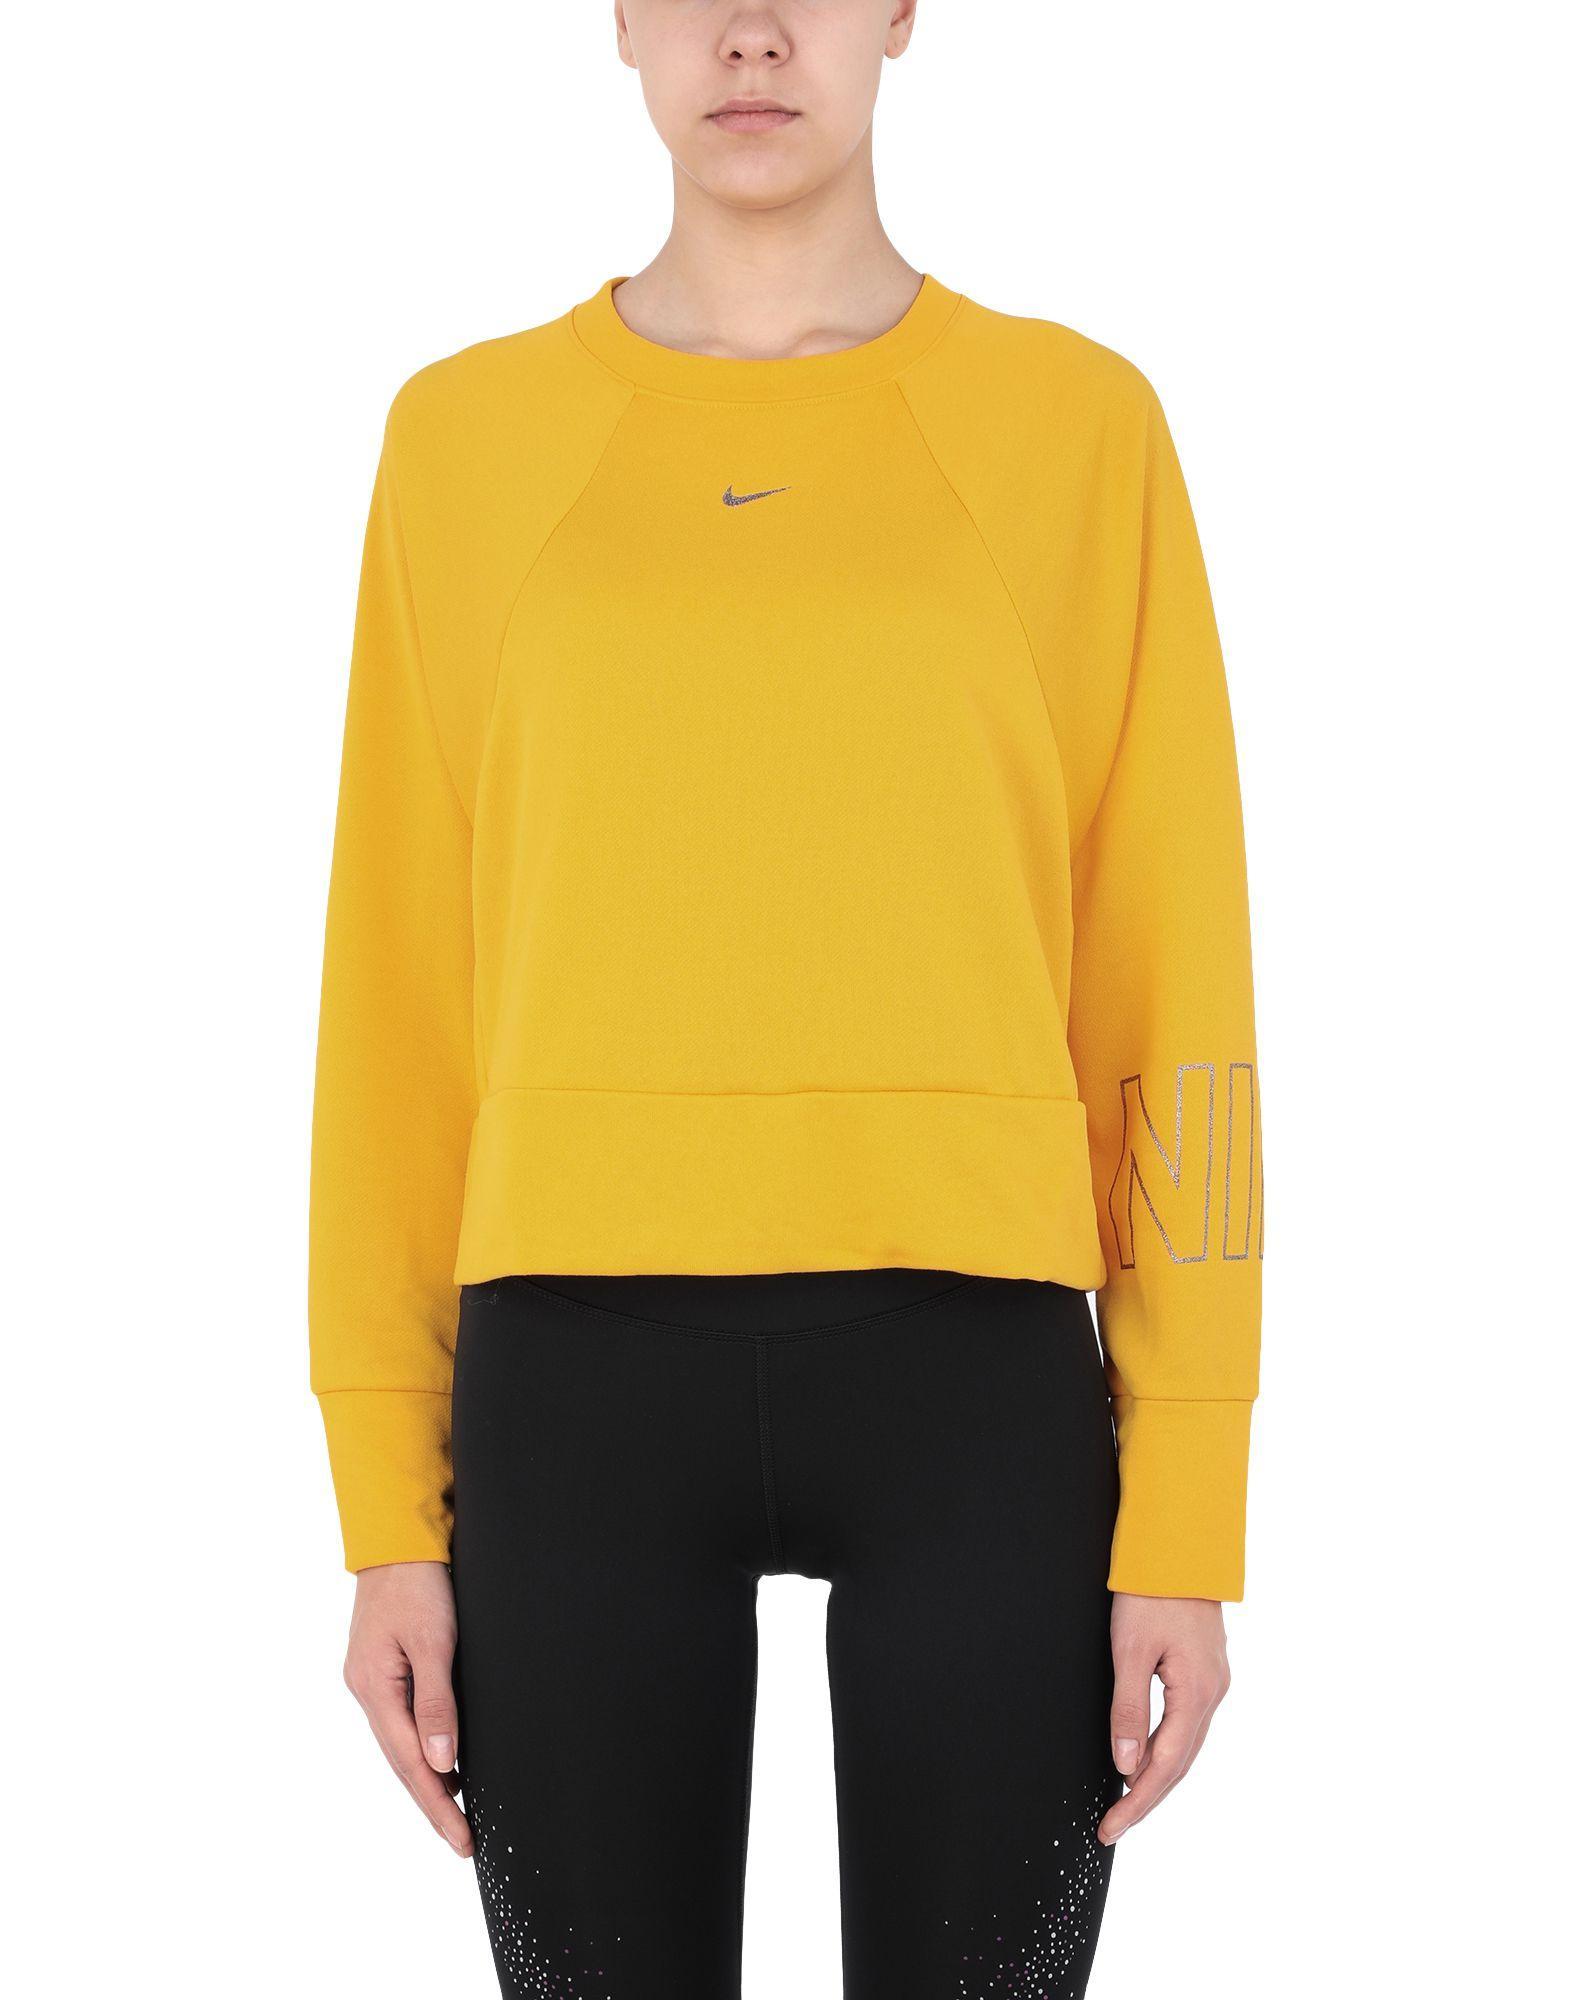 Sudadera Nike de Tejido sintético de color Amarillo